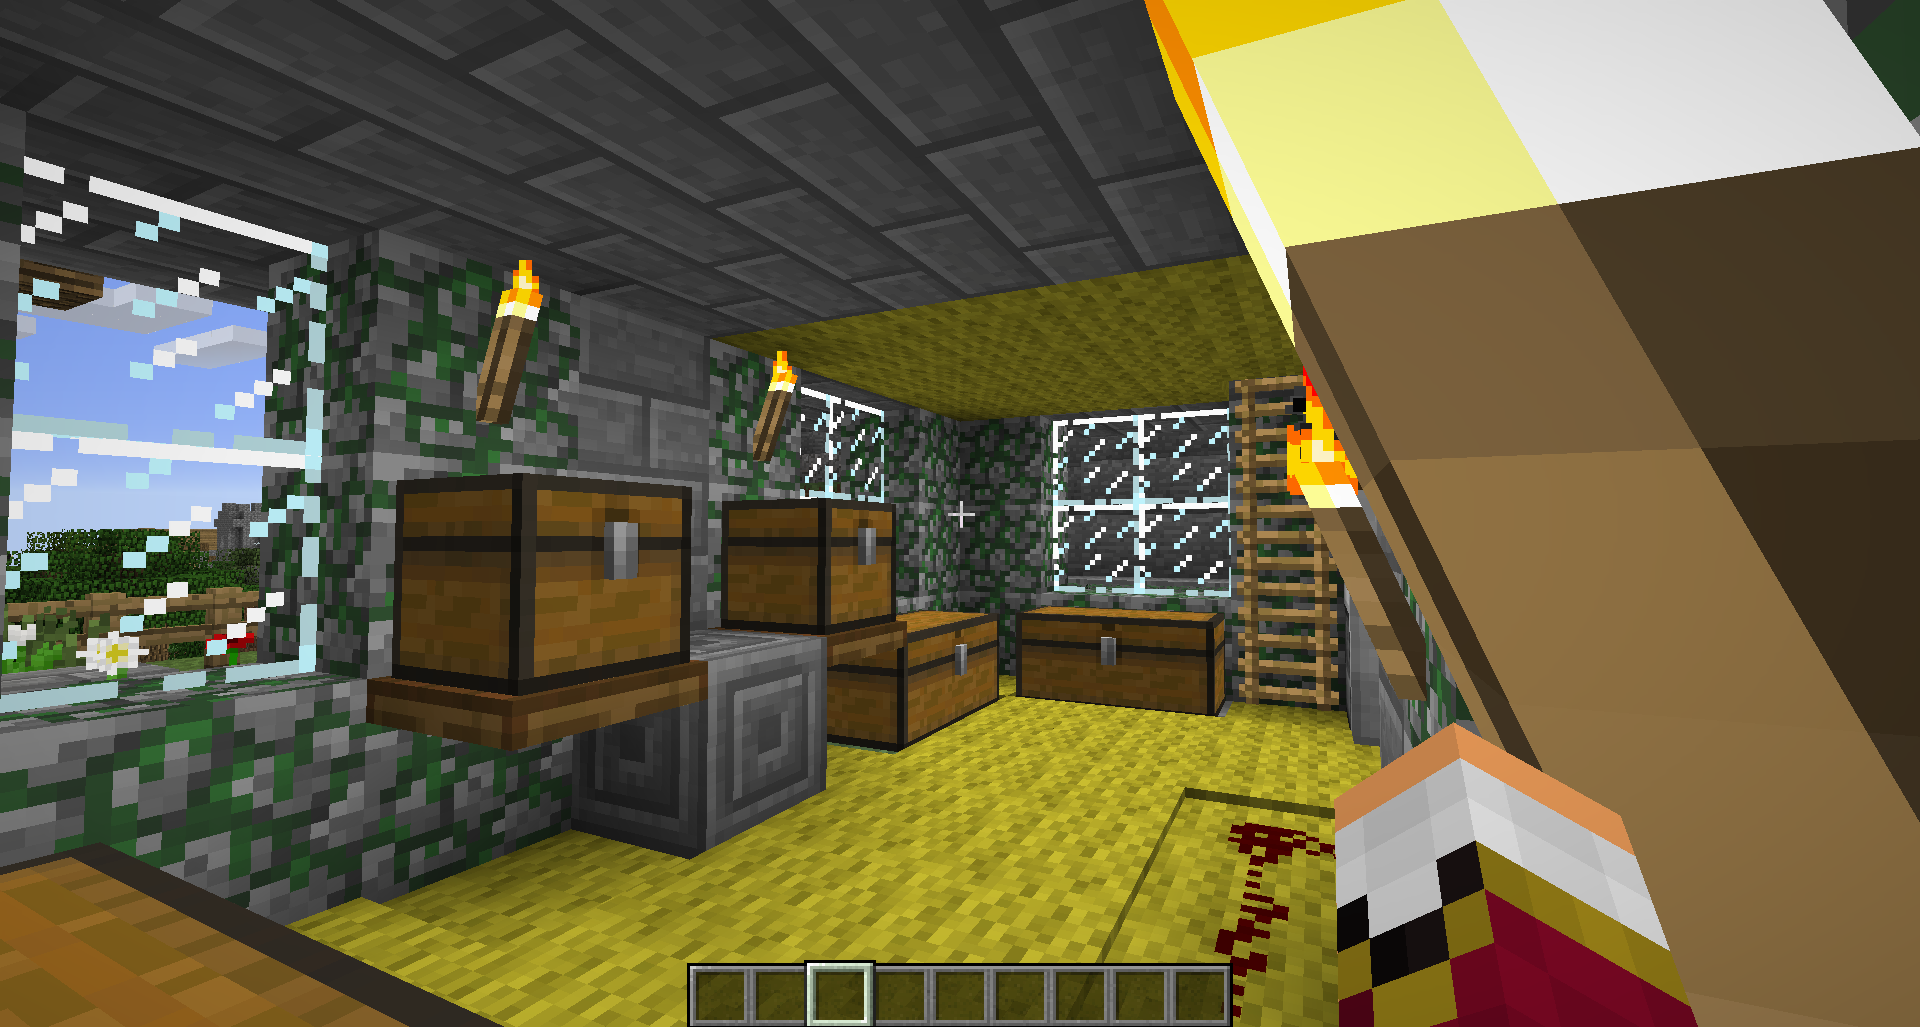 Modern storage area - 108 170 54 82 38003 Lizc864 Minecraft My 12th Structure Modern Villa W Yellow Carpetstorage Areaminecraftvillascarpets